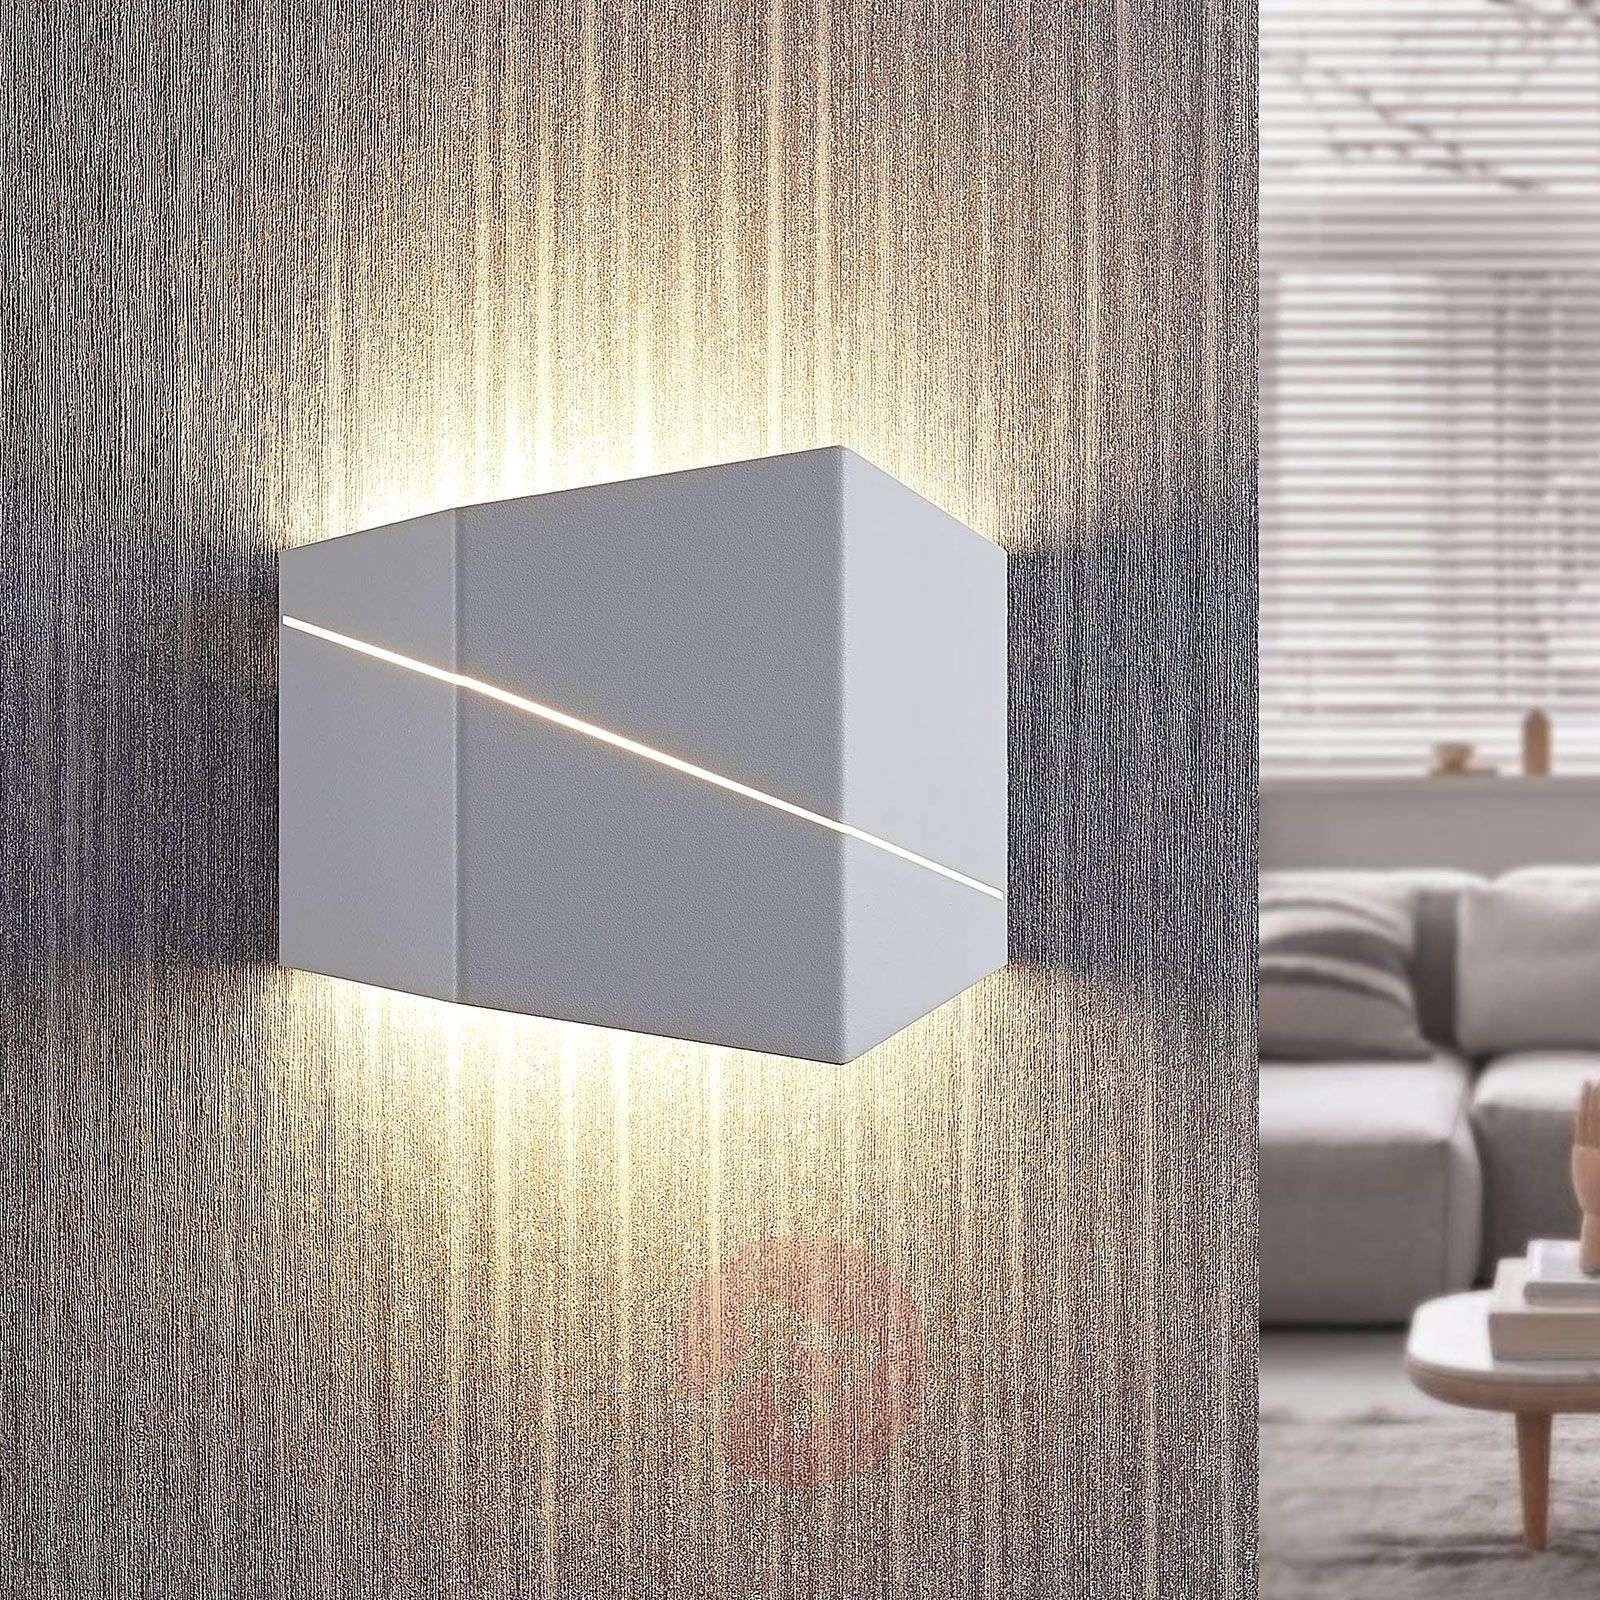 LED-seinävalaisin Nikolae, 18 cm, valkoinen-8032132-01